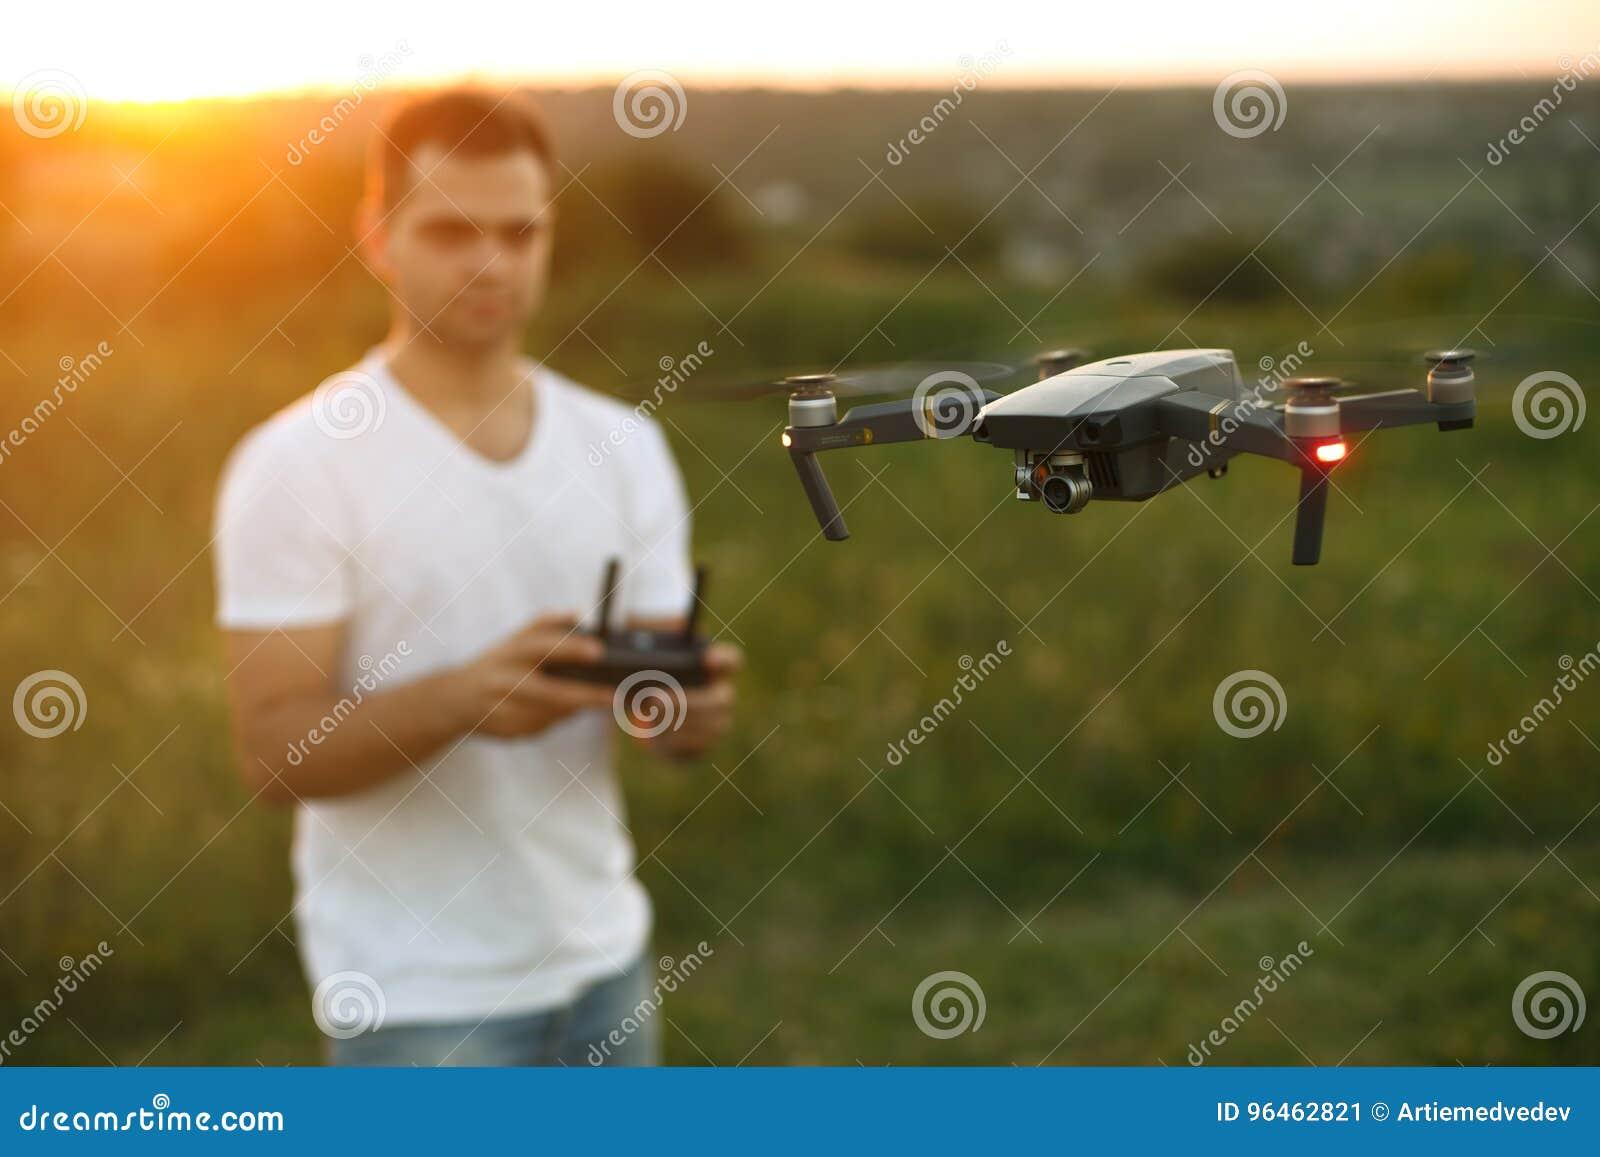 Le bourdon plane devant l homme avec le contrôleur à distance dans des ses mains Quadcopter vole près du pilote Type prenant les